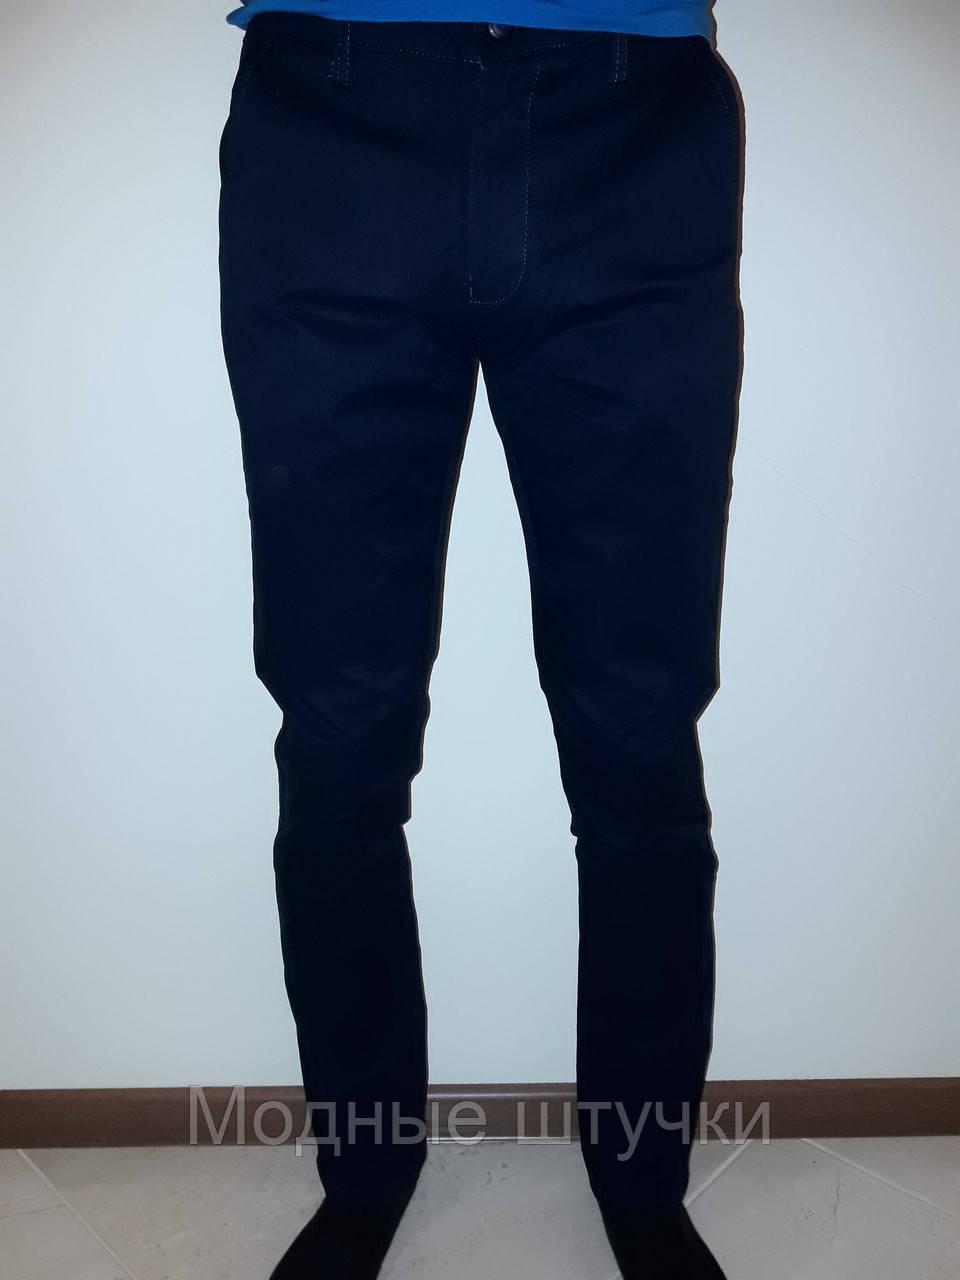 8d5267ac8eb Мужские брюки подросток темно-синие Baron 6064 - Модные штучки в Николаеве